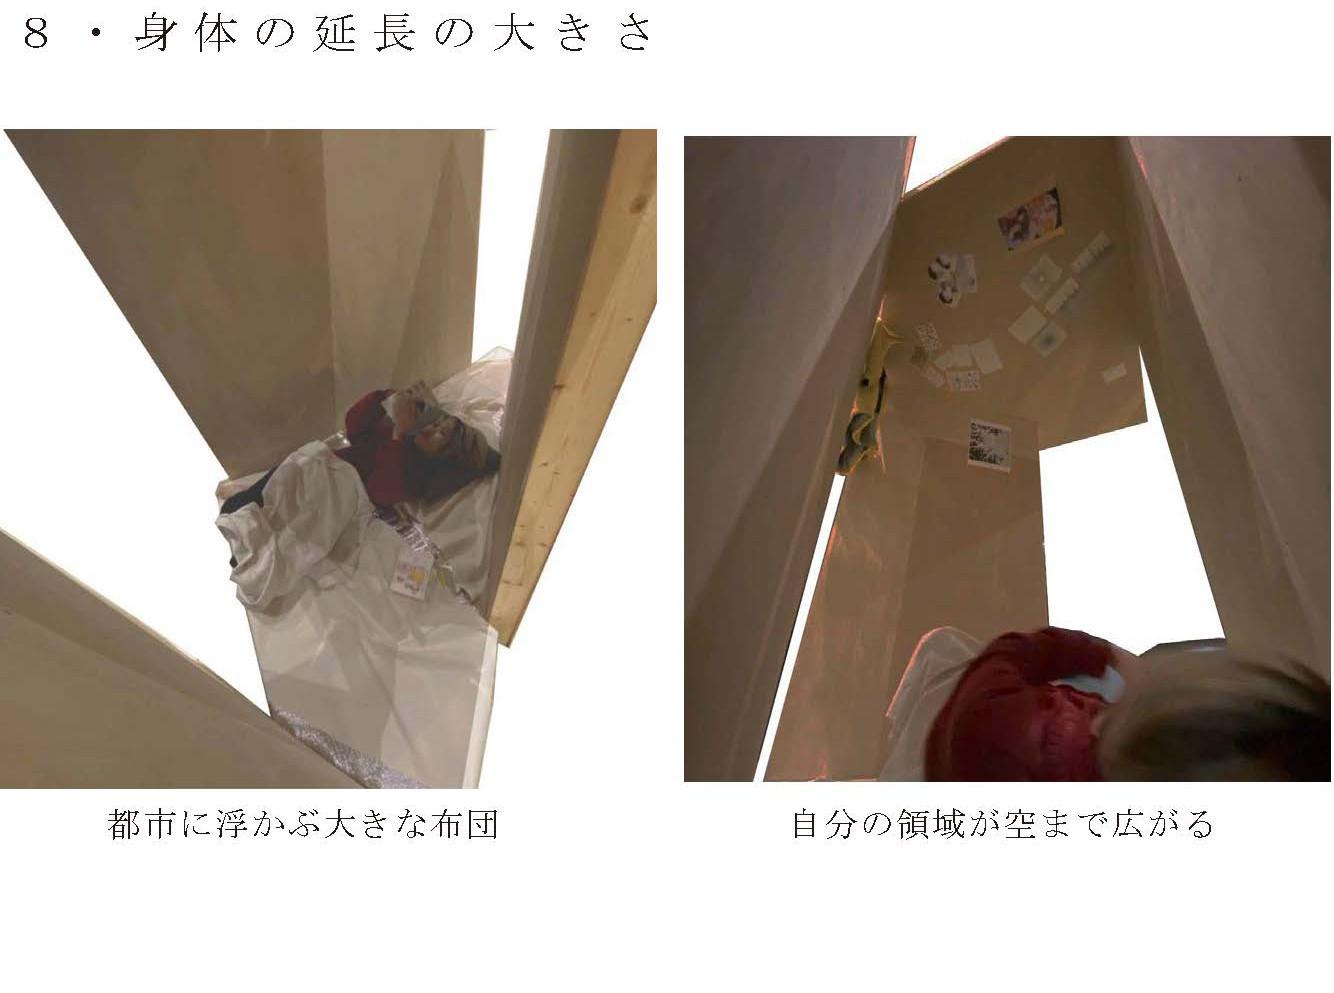 建築展WEB_ページ_17.jpg